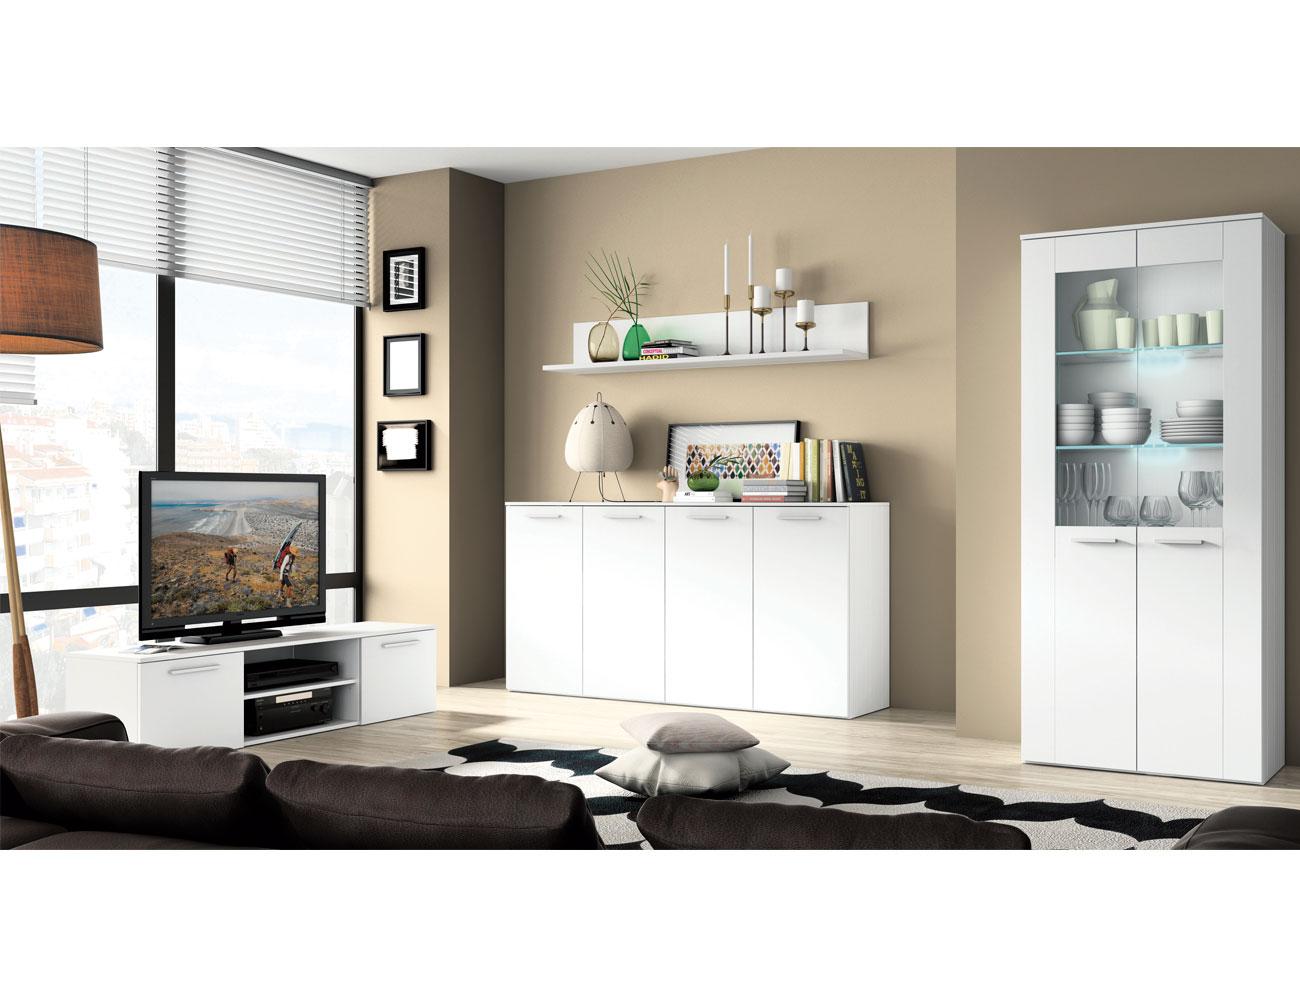 Muebles de comedor blanco saln muebles lacados en blanco for Mueble salon blanco